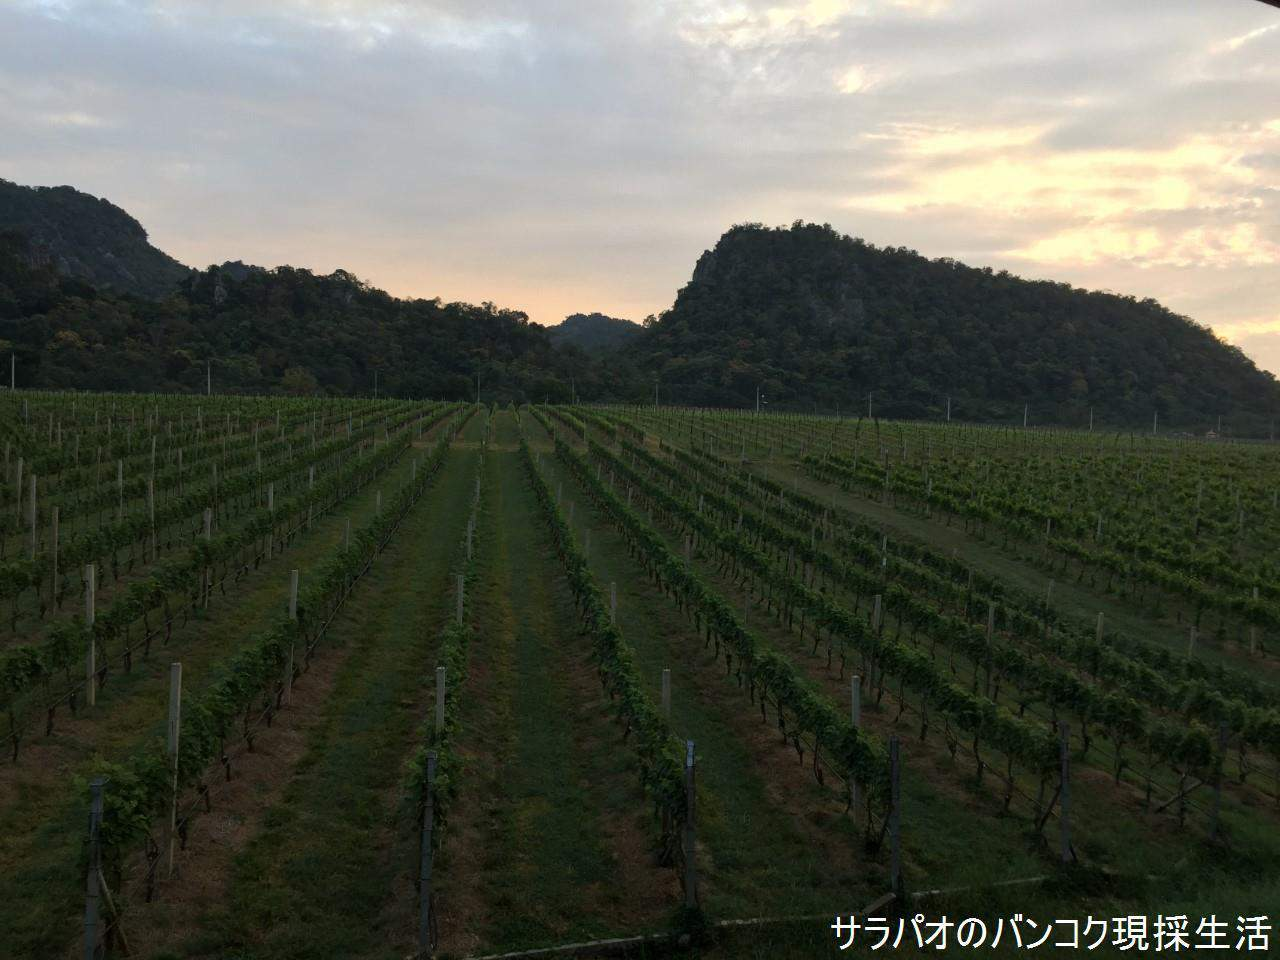 グランモンテ・ワイン・コテージはぶどう園にある宿泊施設 in カオヤイ